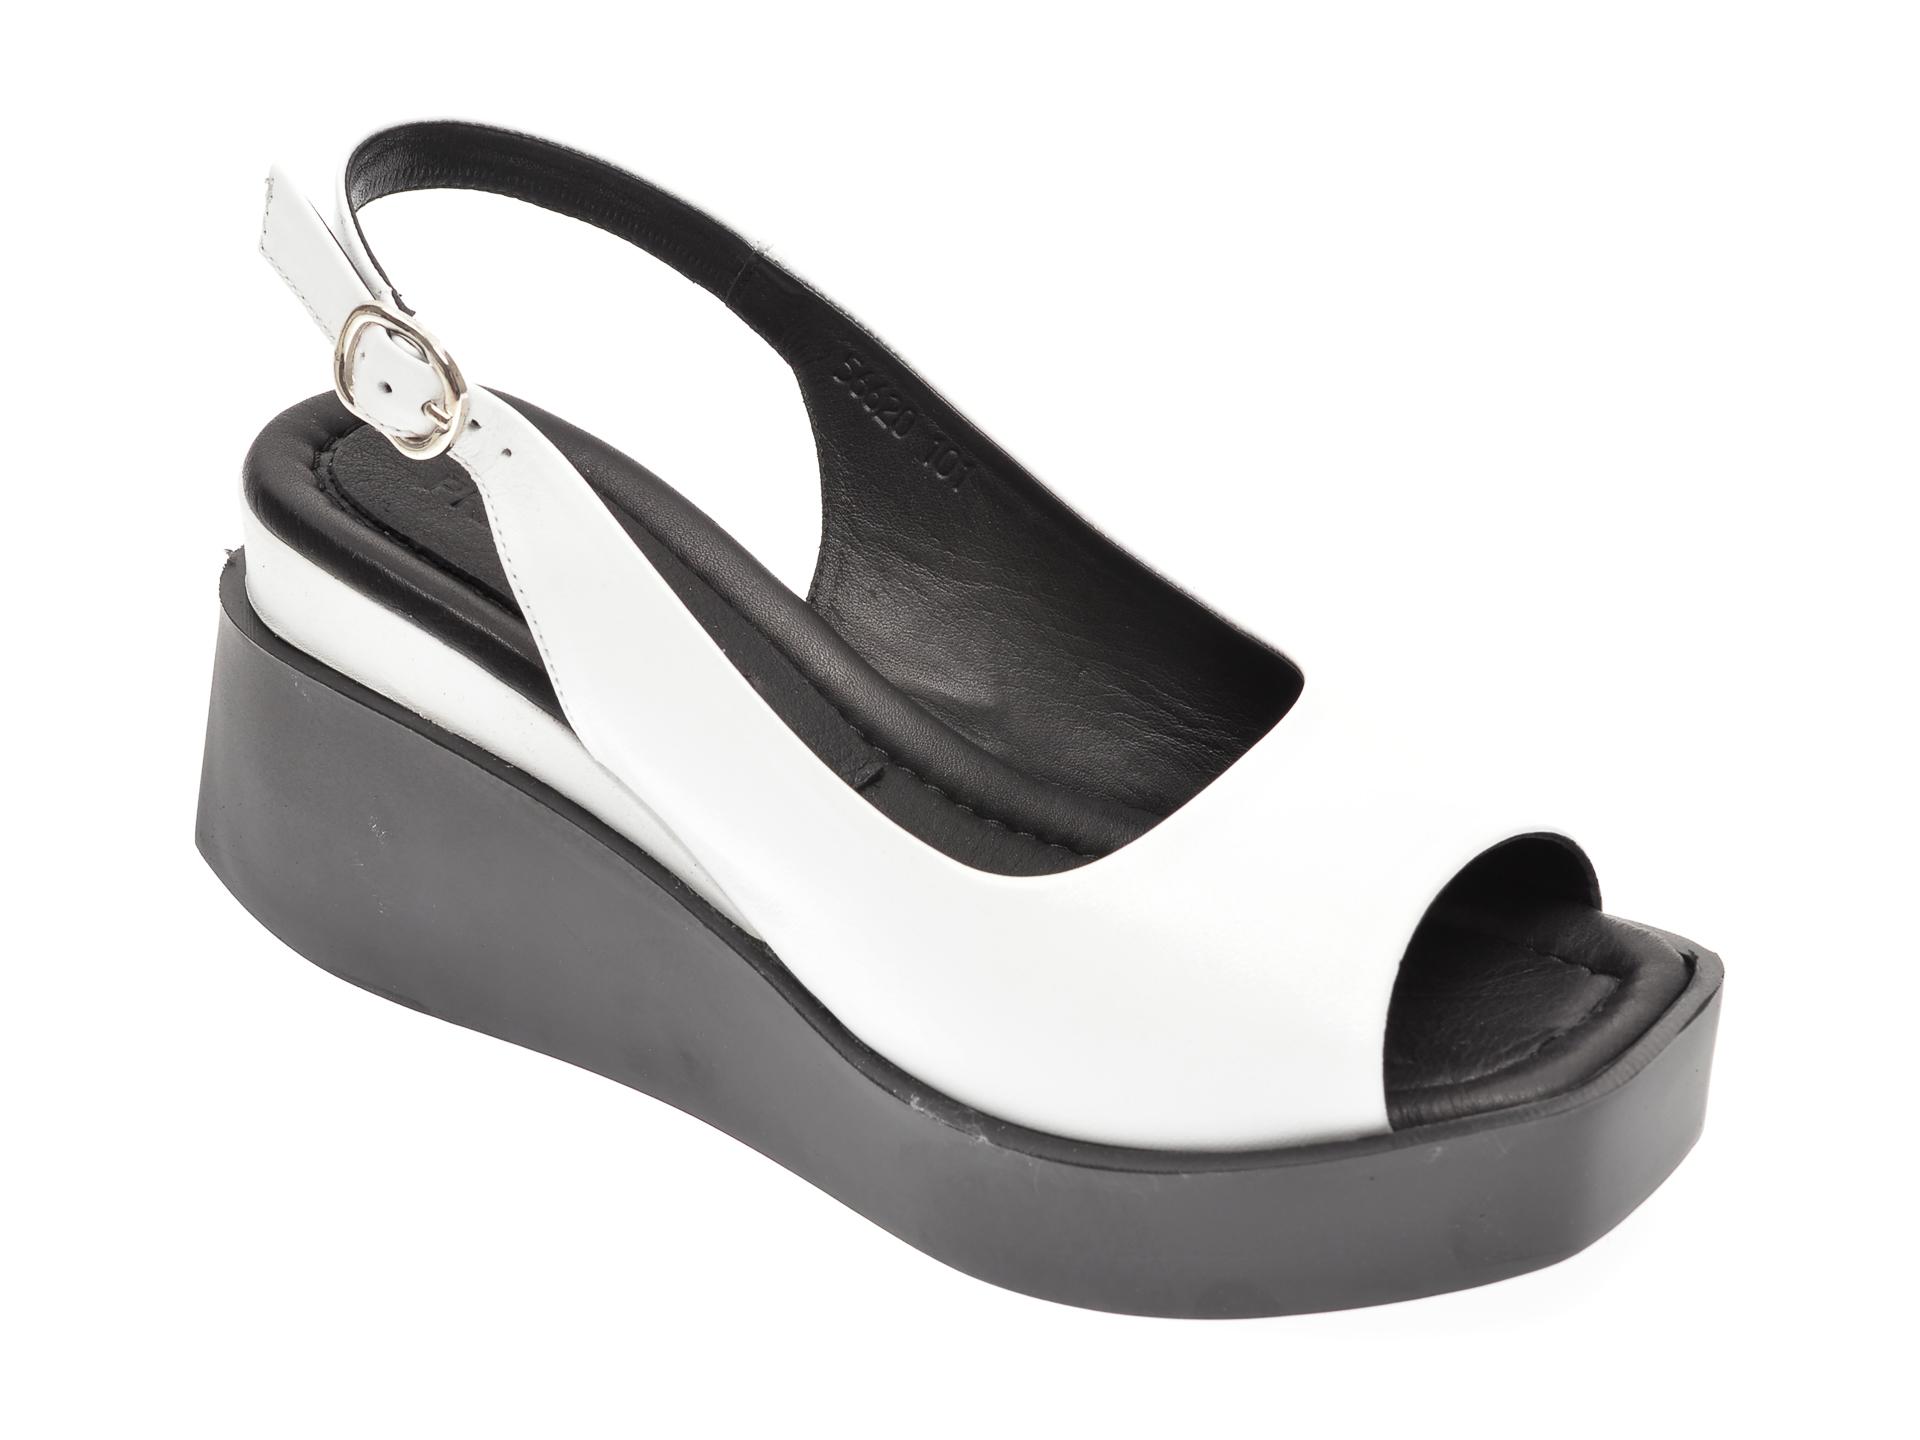 Sandale PRIMOVALERIO albe, 56620, din piele naturala